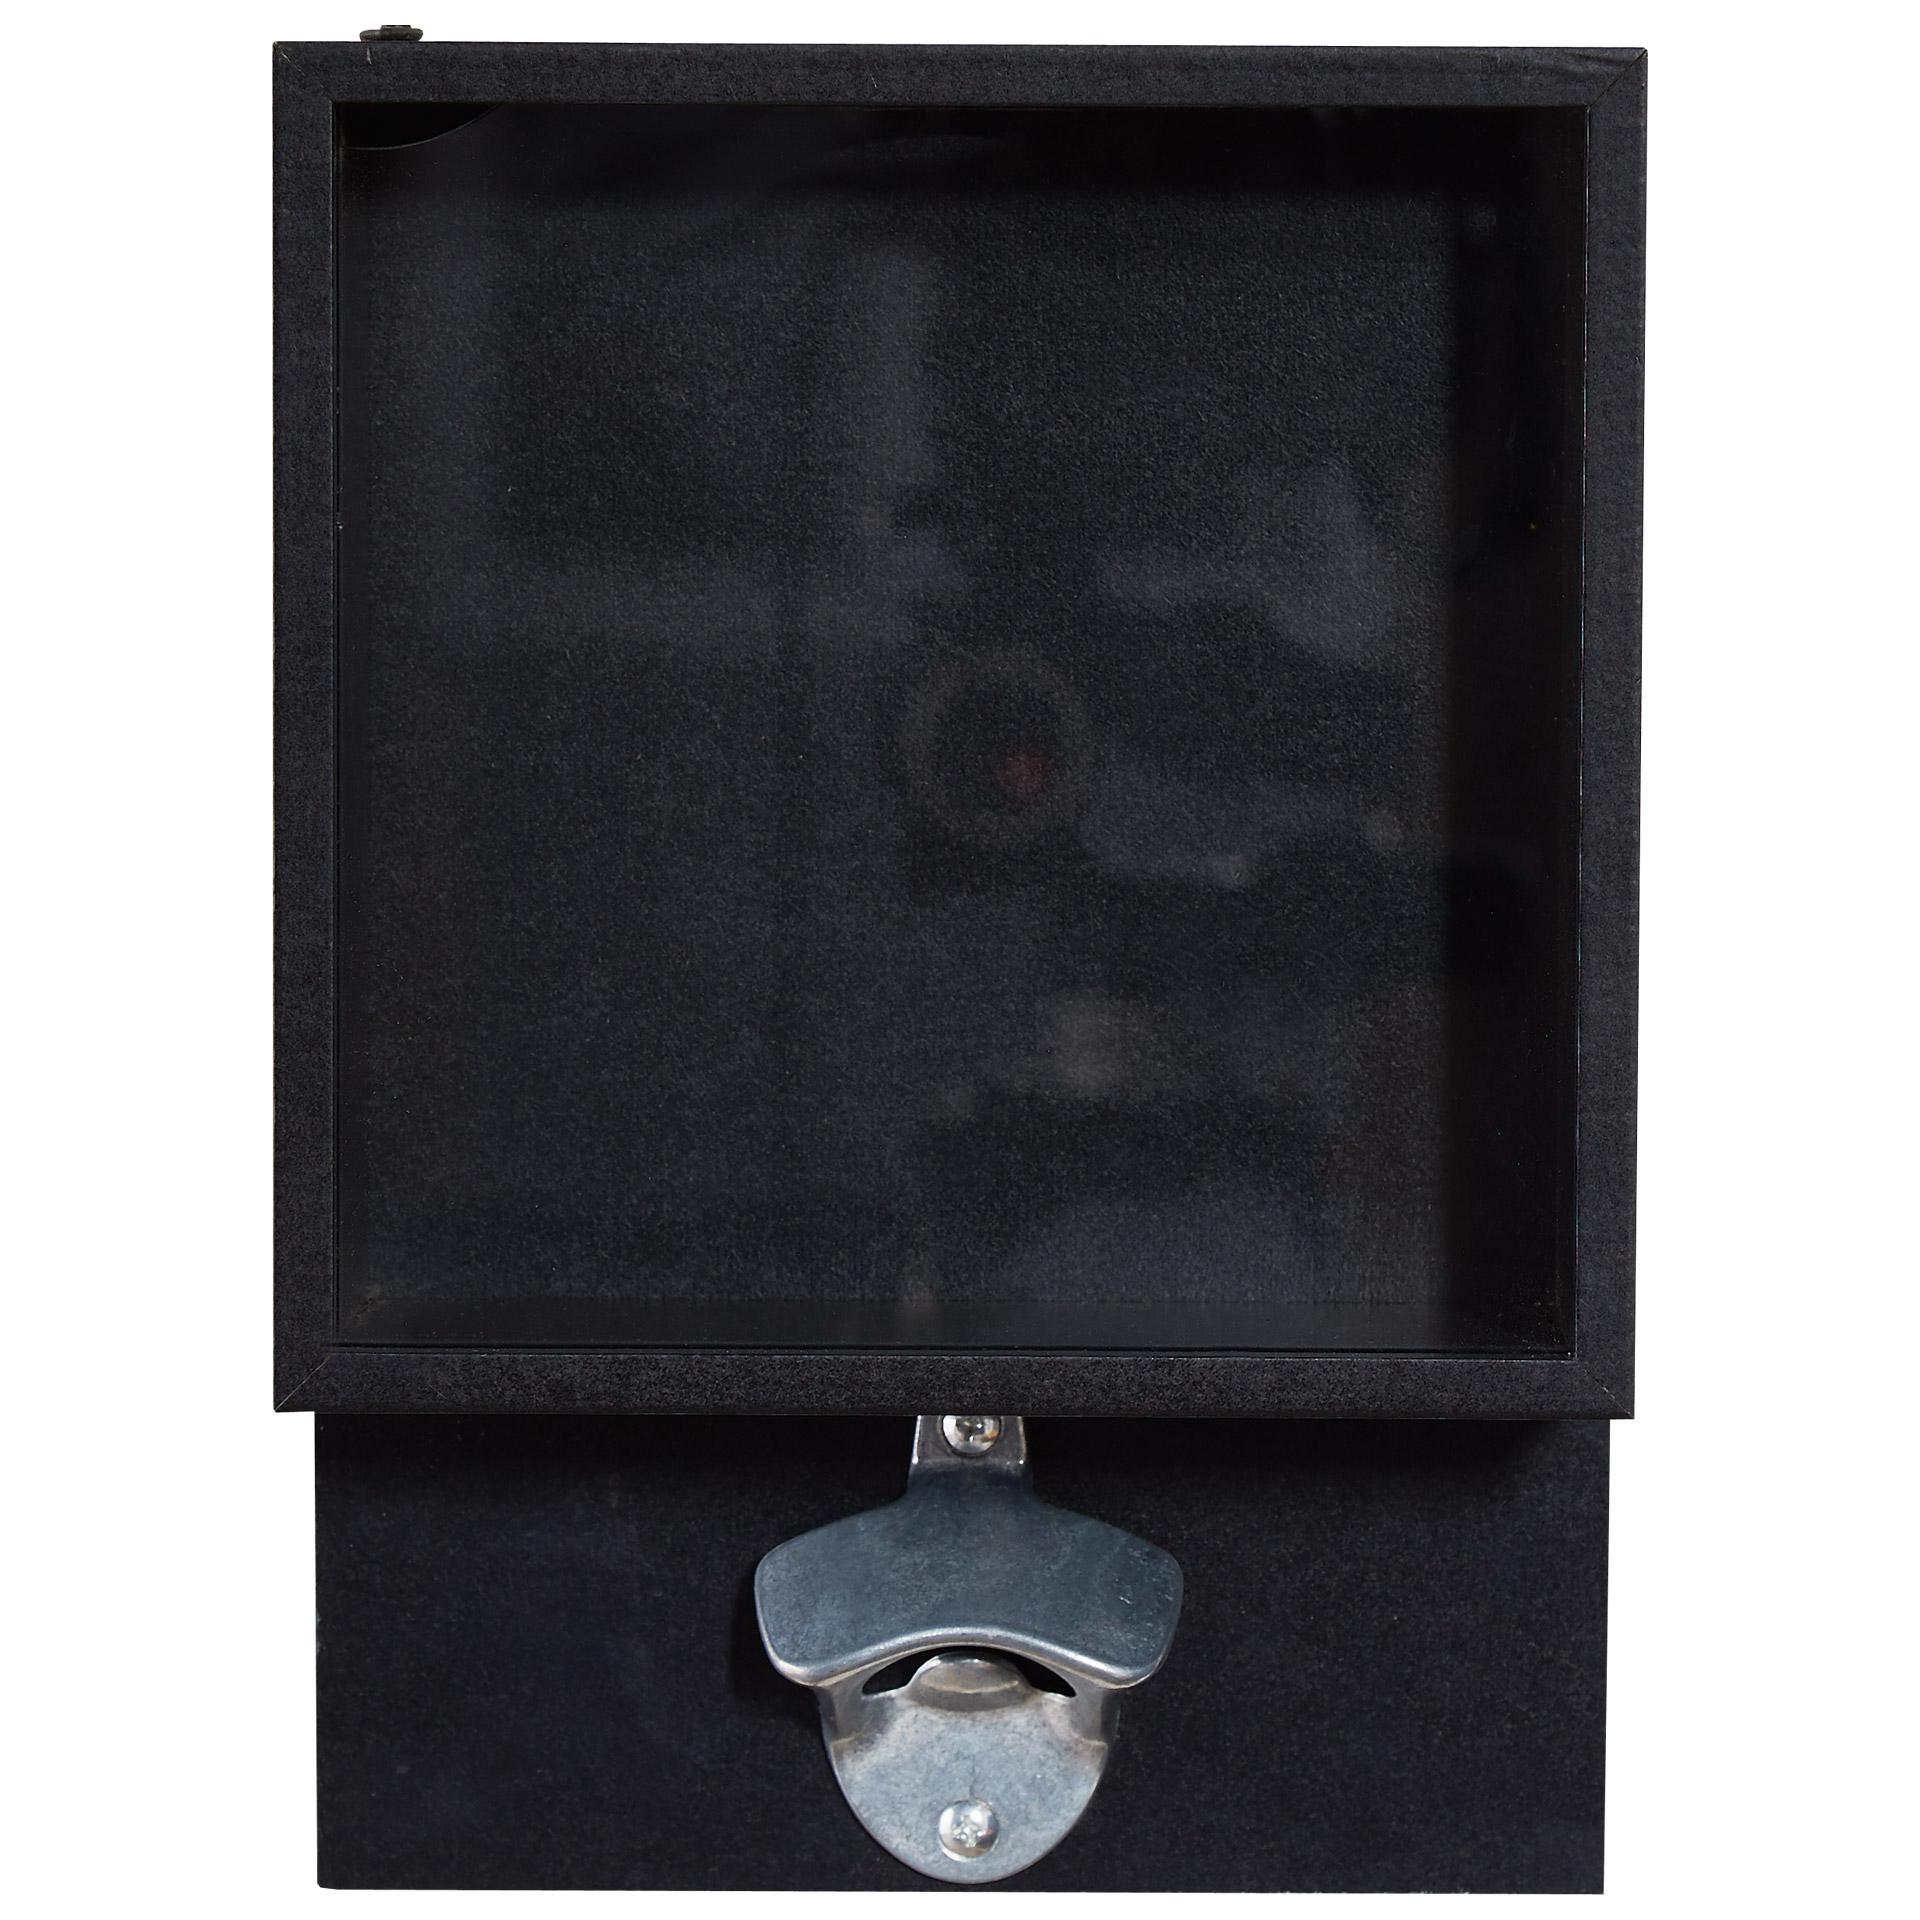 Flaschenöffner mit Glaskasten (25,5x18, schwarz)